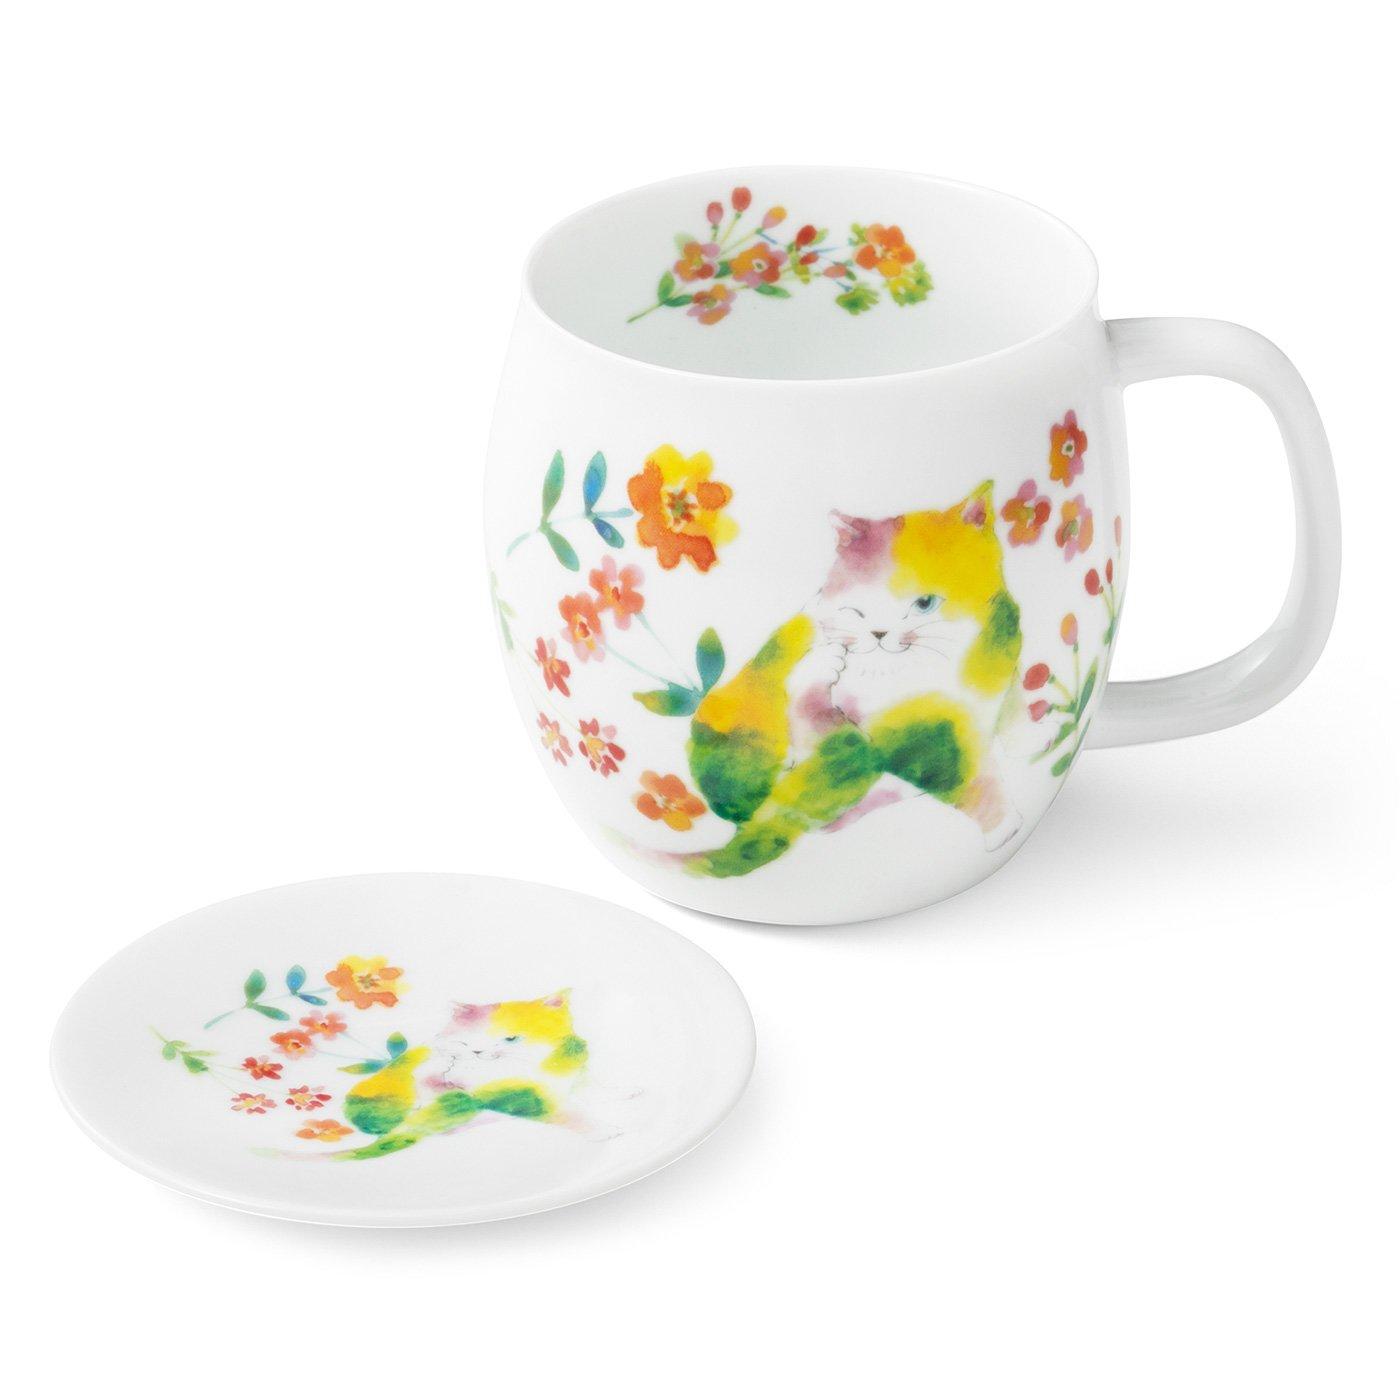 にゃん屋 彩りかわいい花猫 マグカップと小皿の会(3回予約)